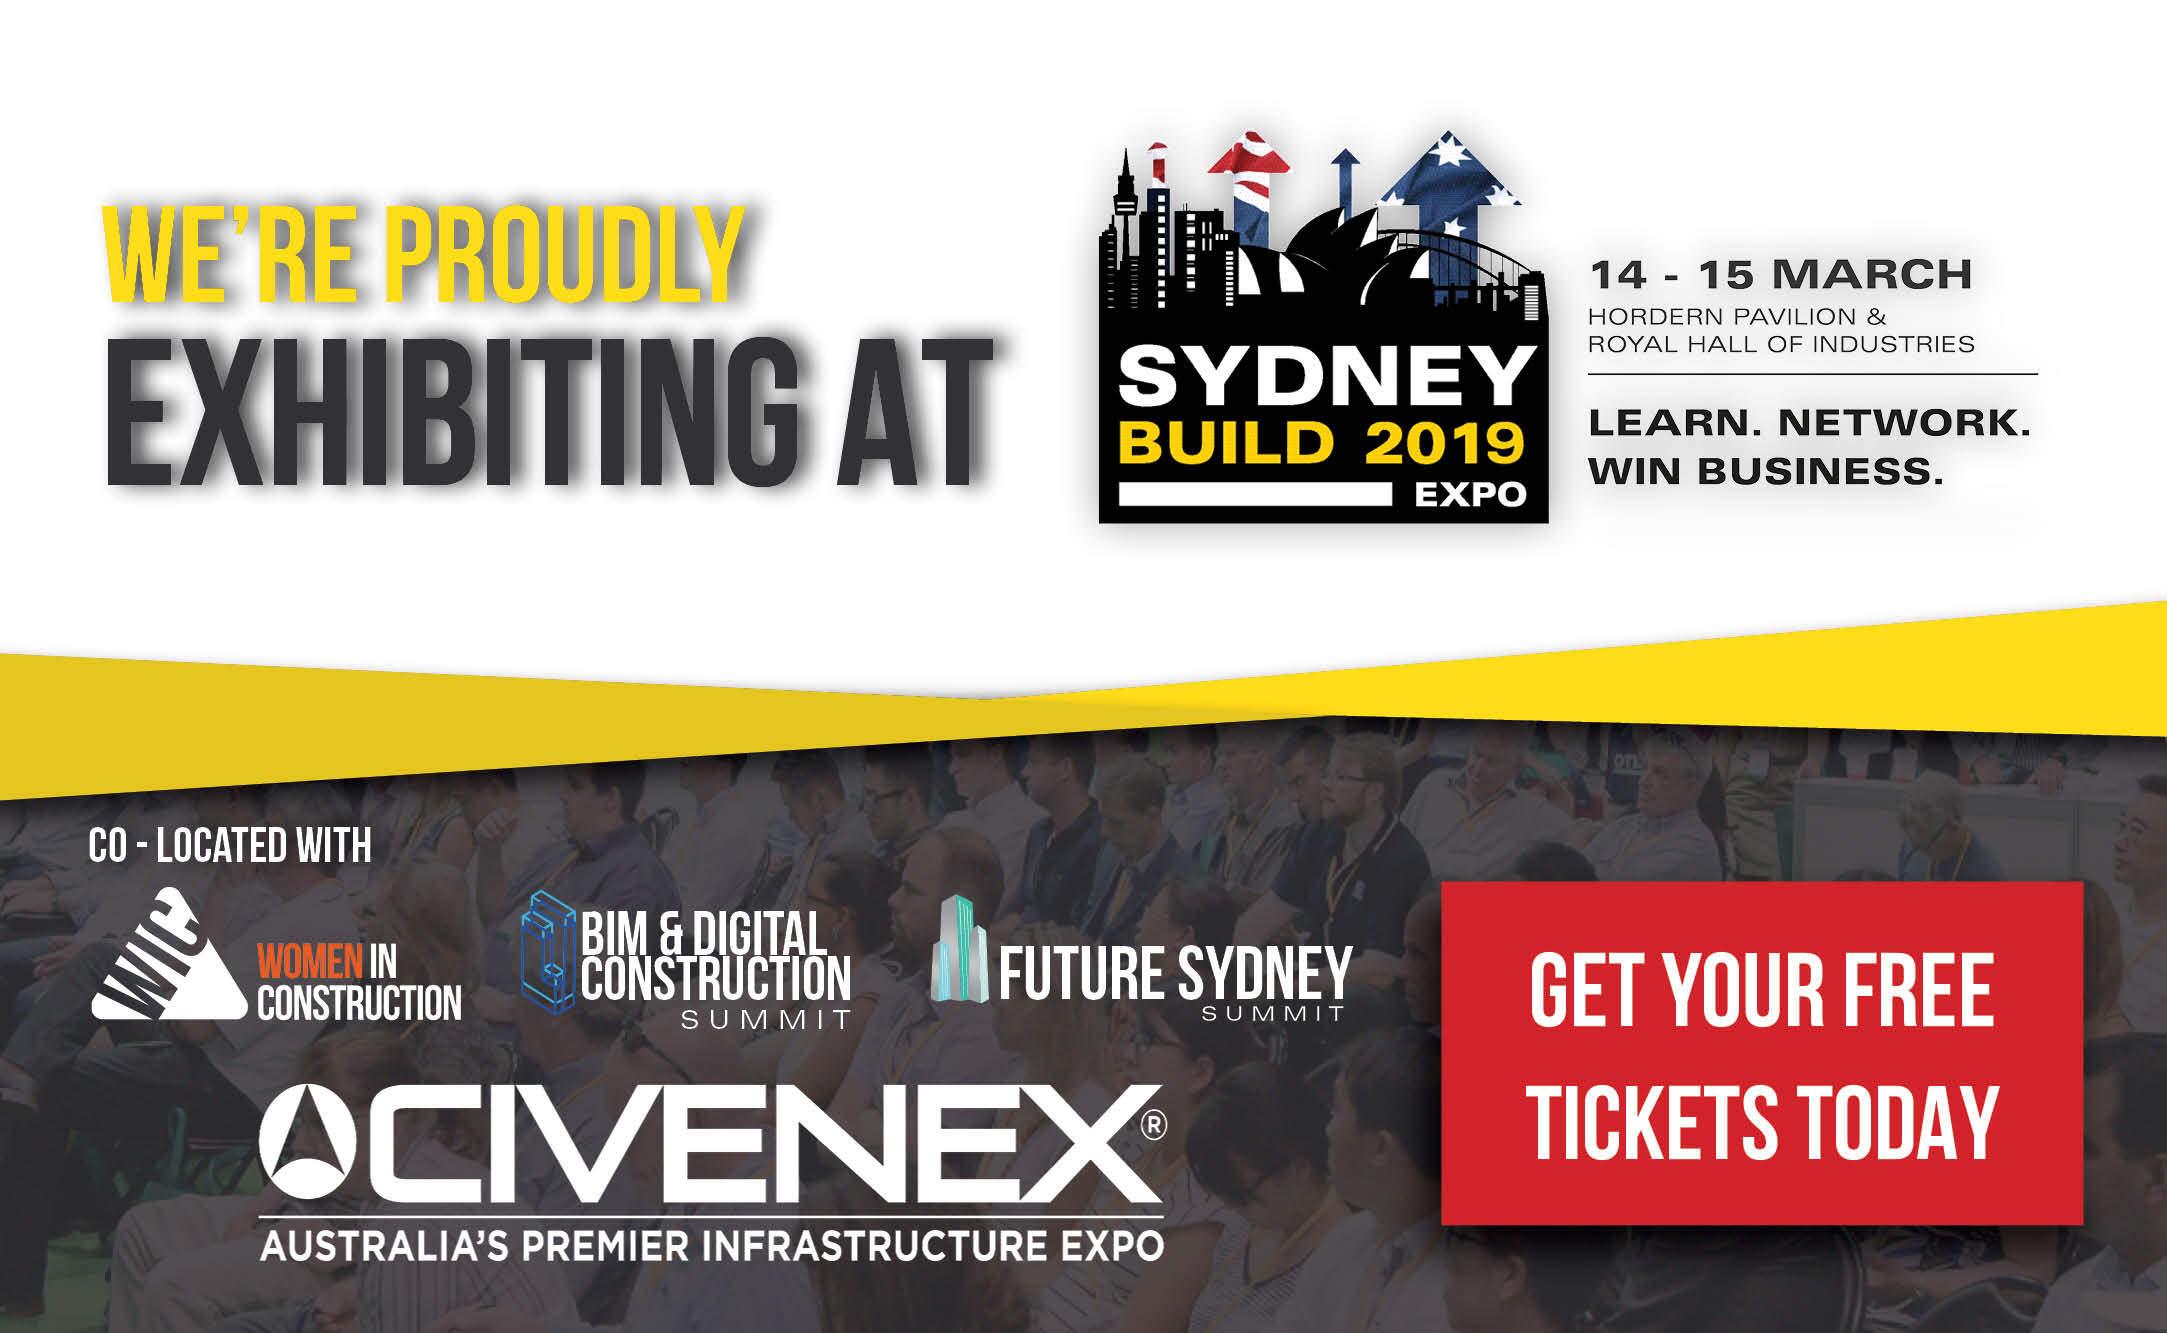 Sydney Build 2019 Expo